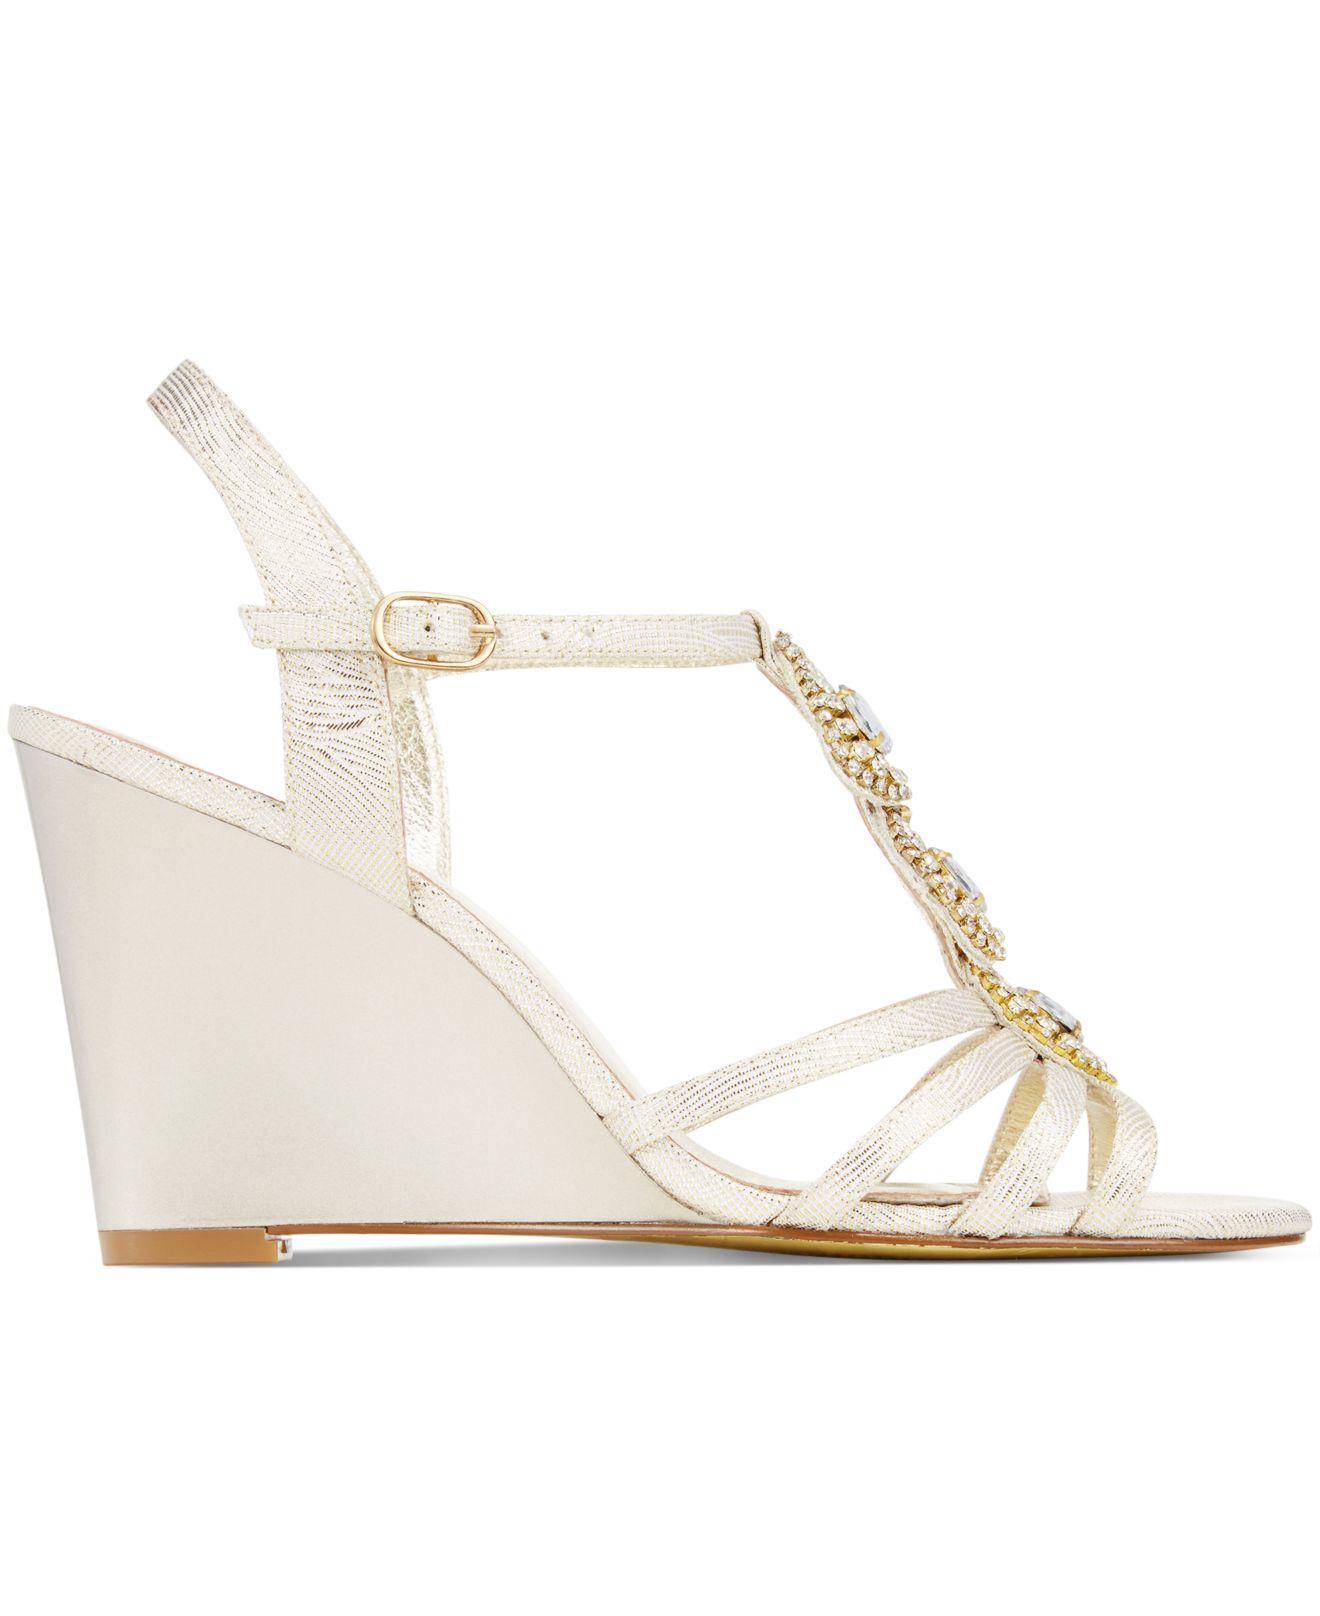 Adrianna Papell Kristen Evening Wedge Sandals In White Lyst